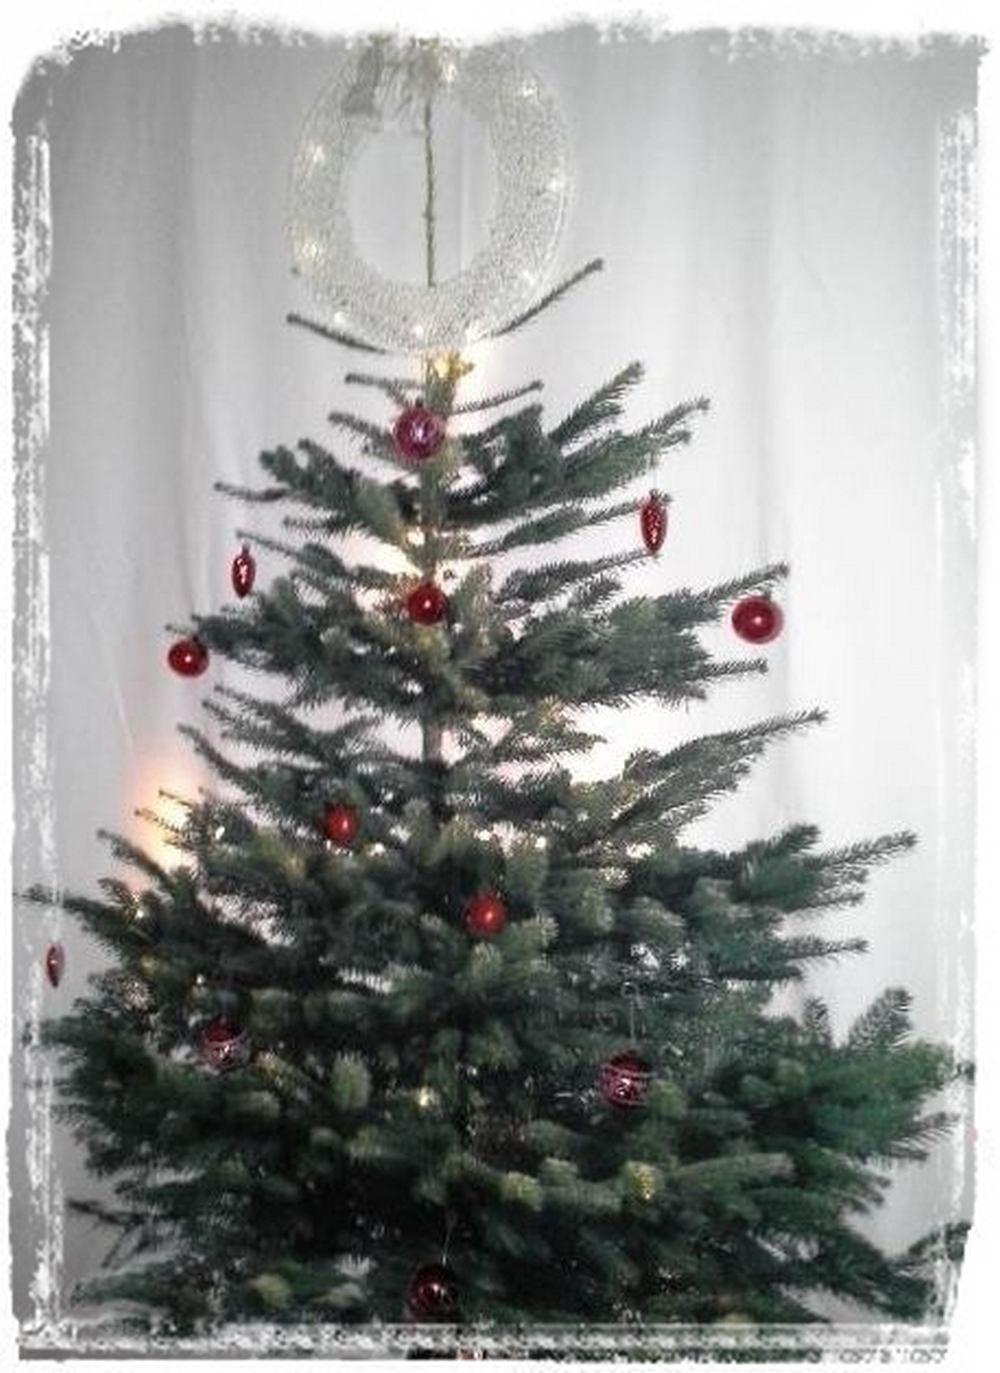 Ikean-joulukuusi-kangas.jpg